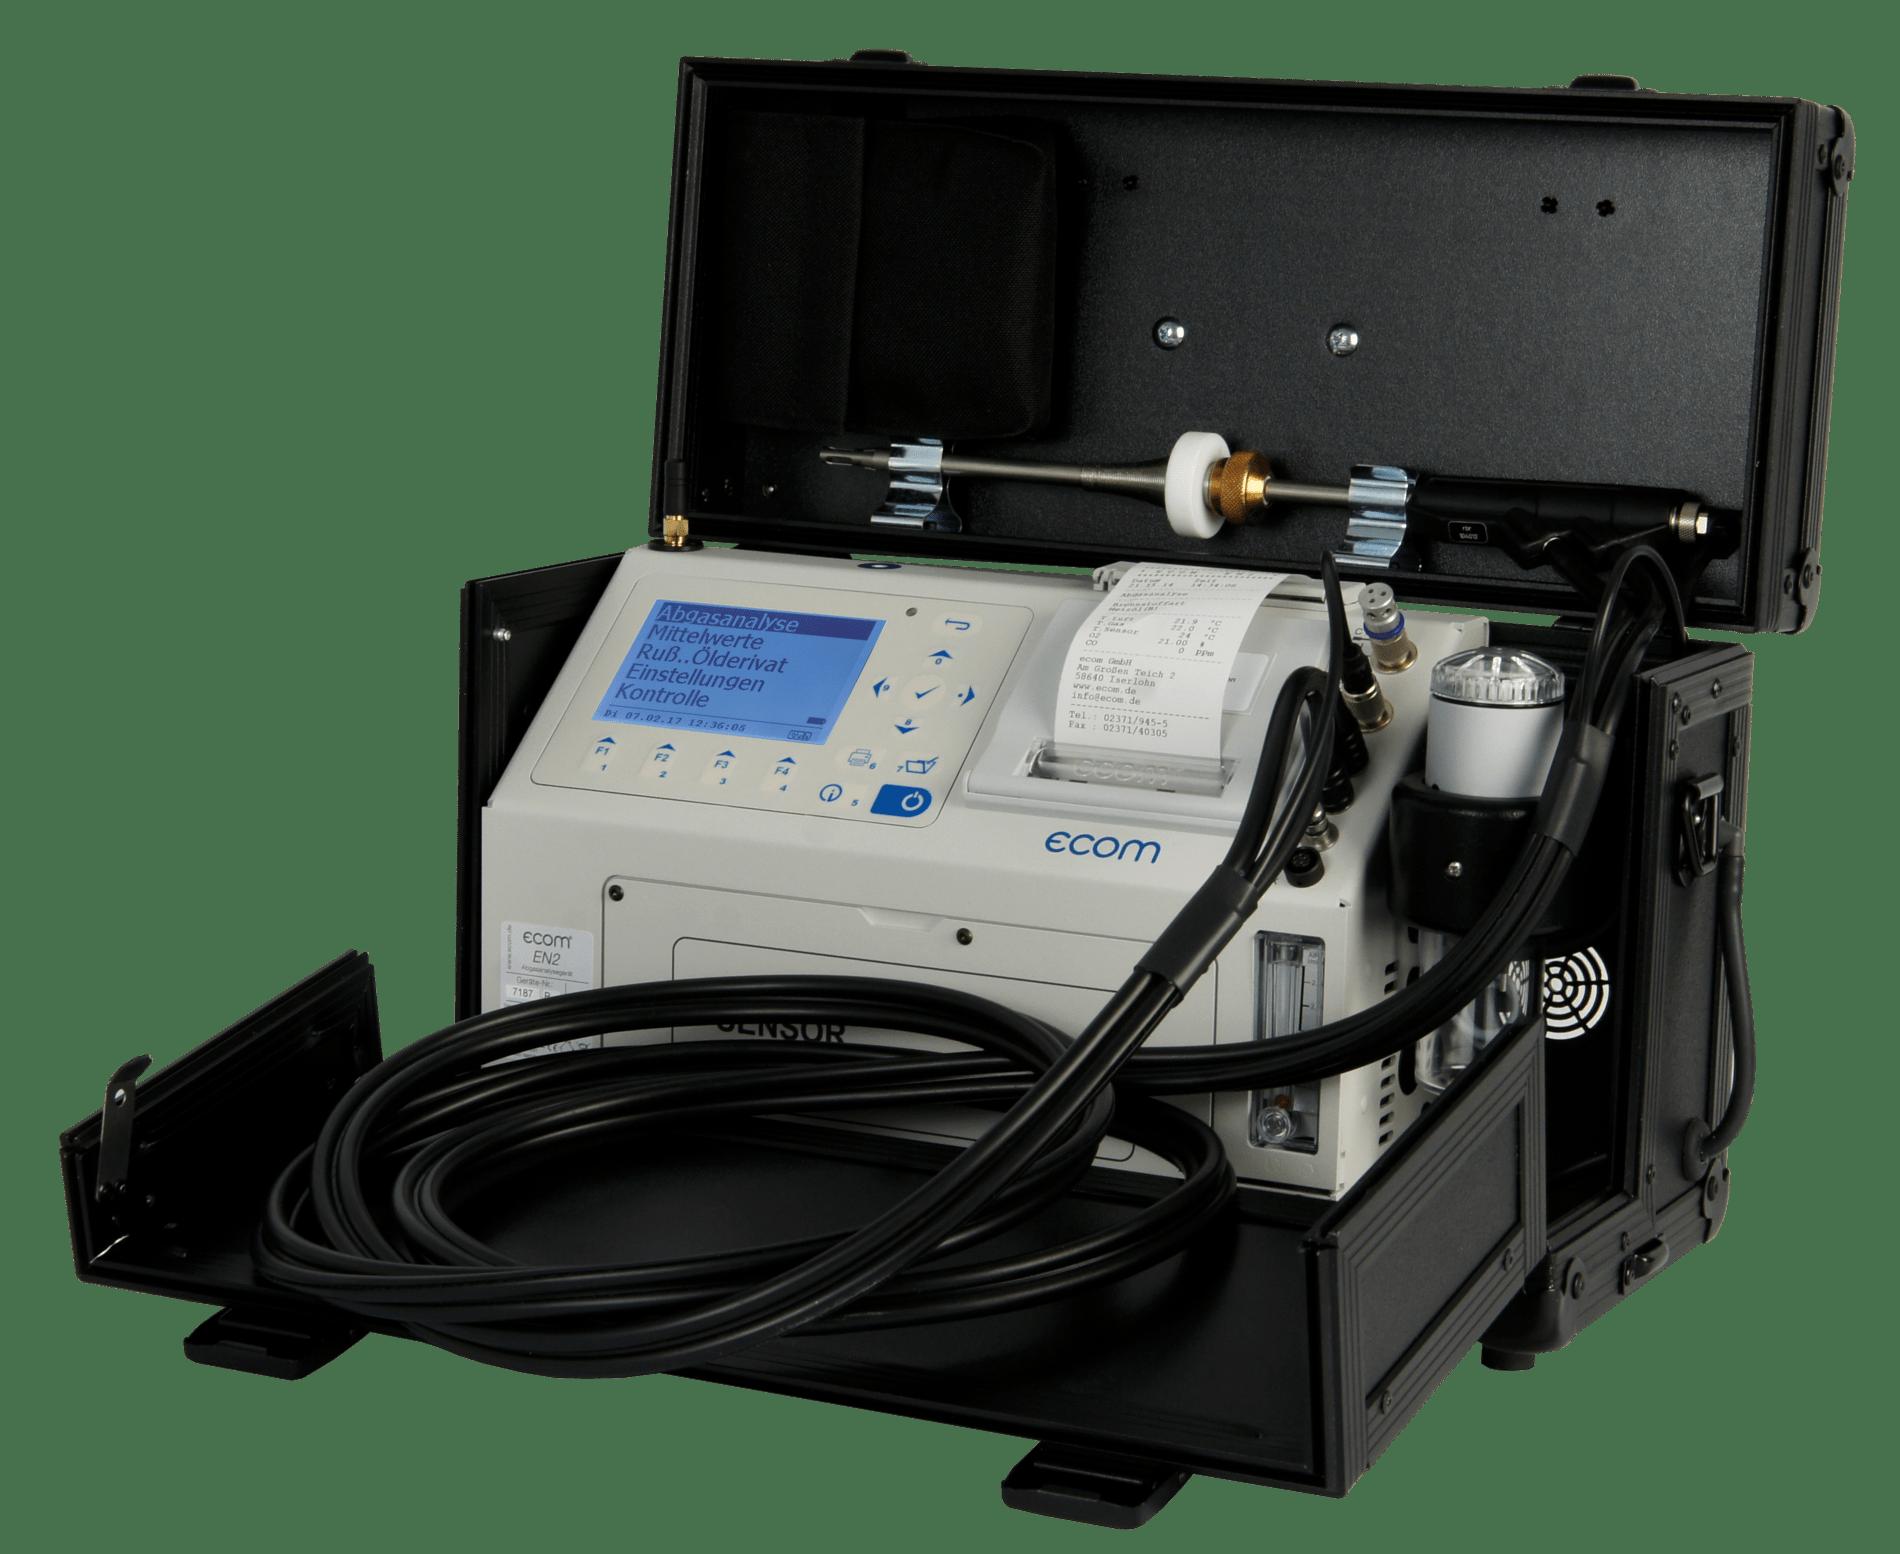 ecom-EN2 - Abgasanalysegerät für Heizungs-Anwendungen